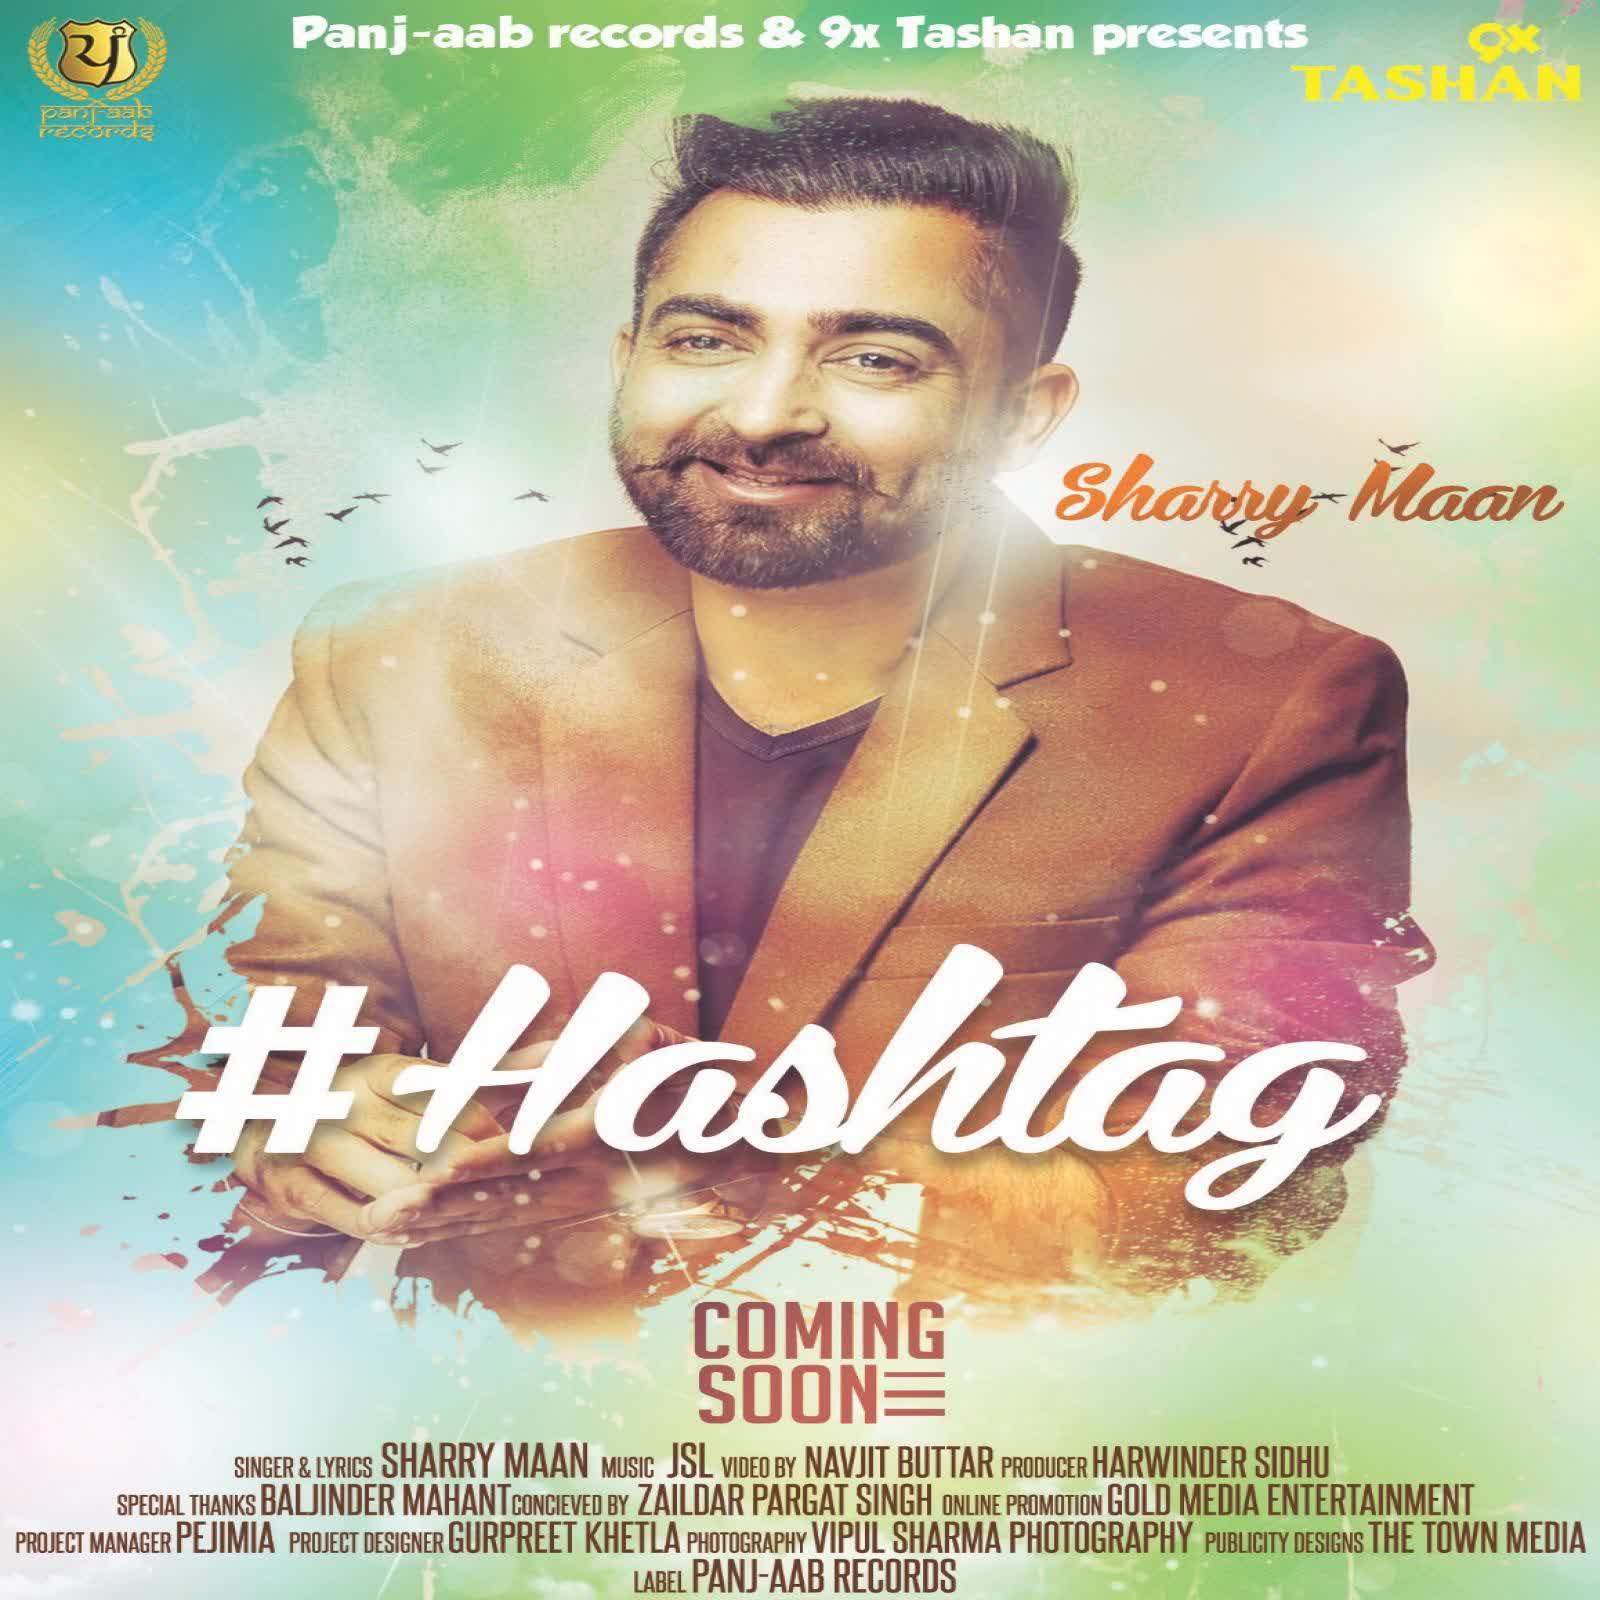 Hashtag Sharry Mann